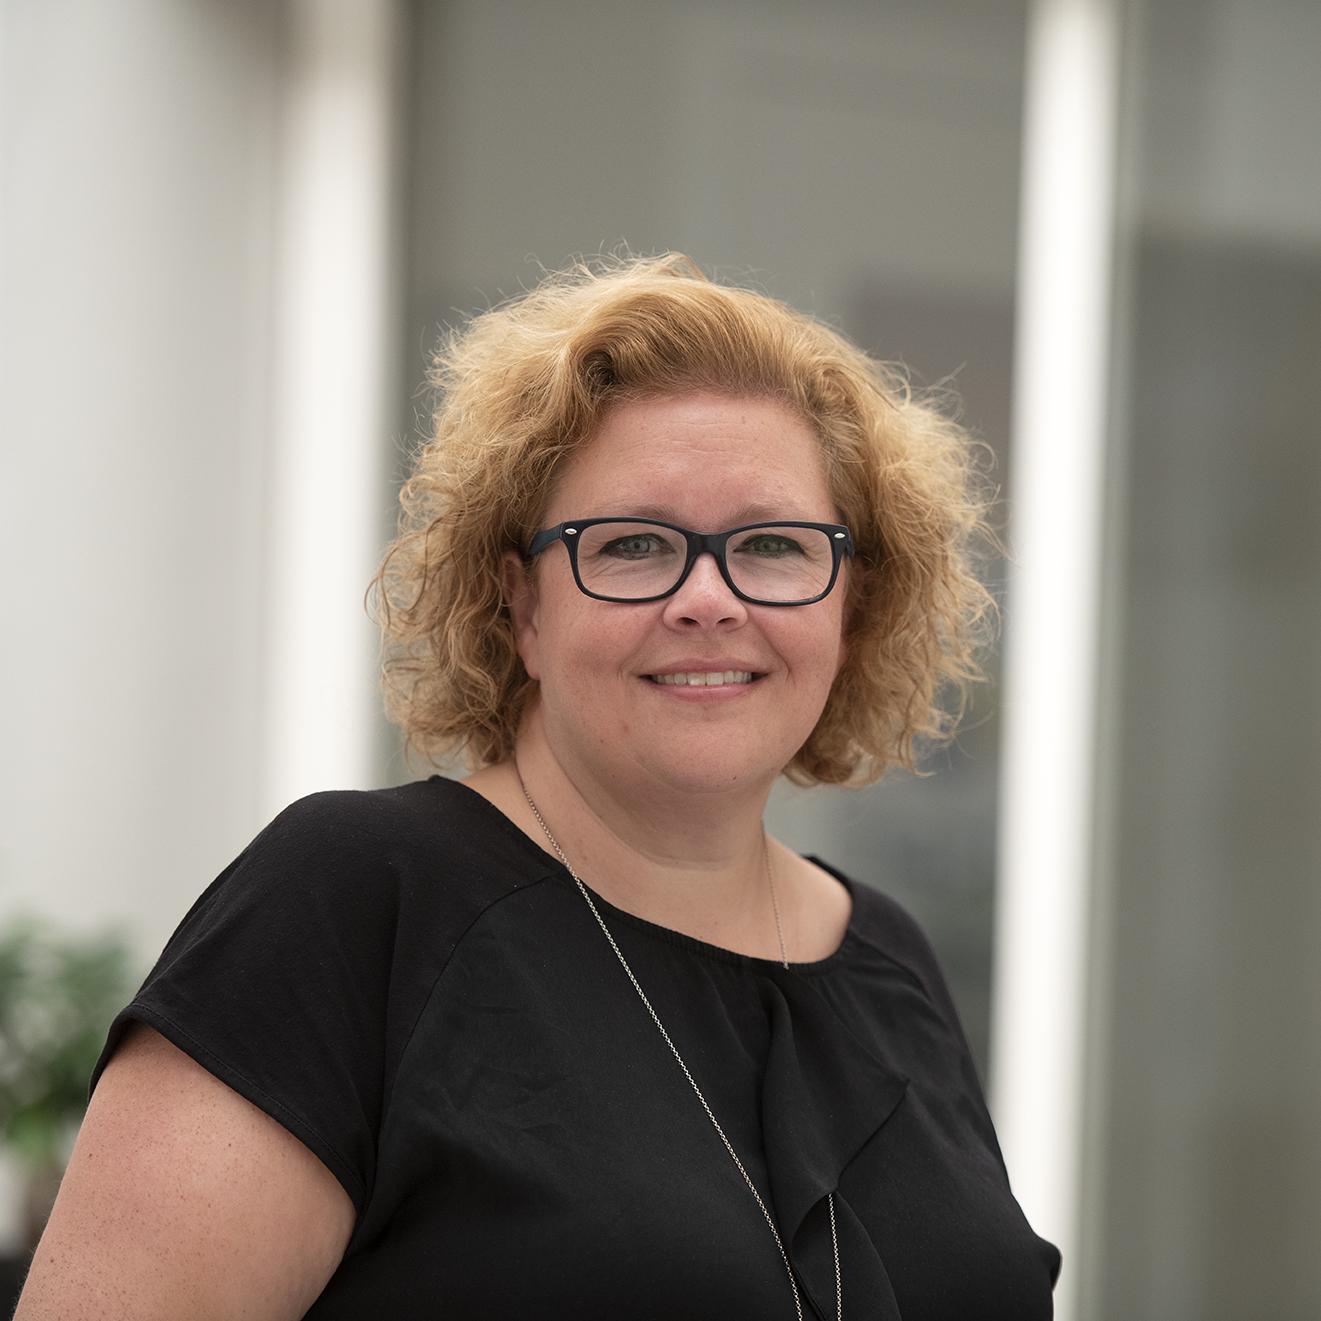 Linda Bakkers